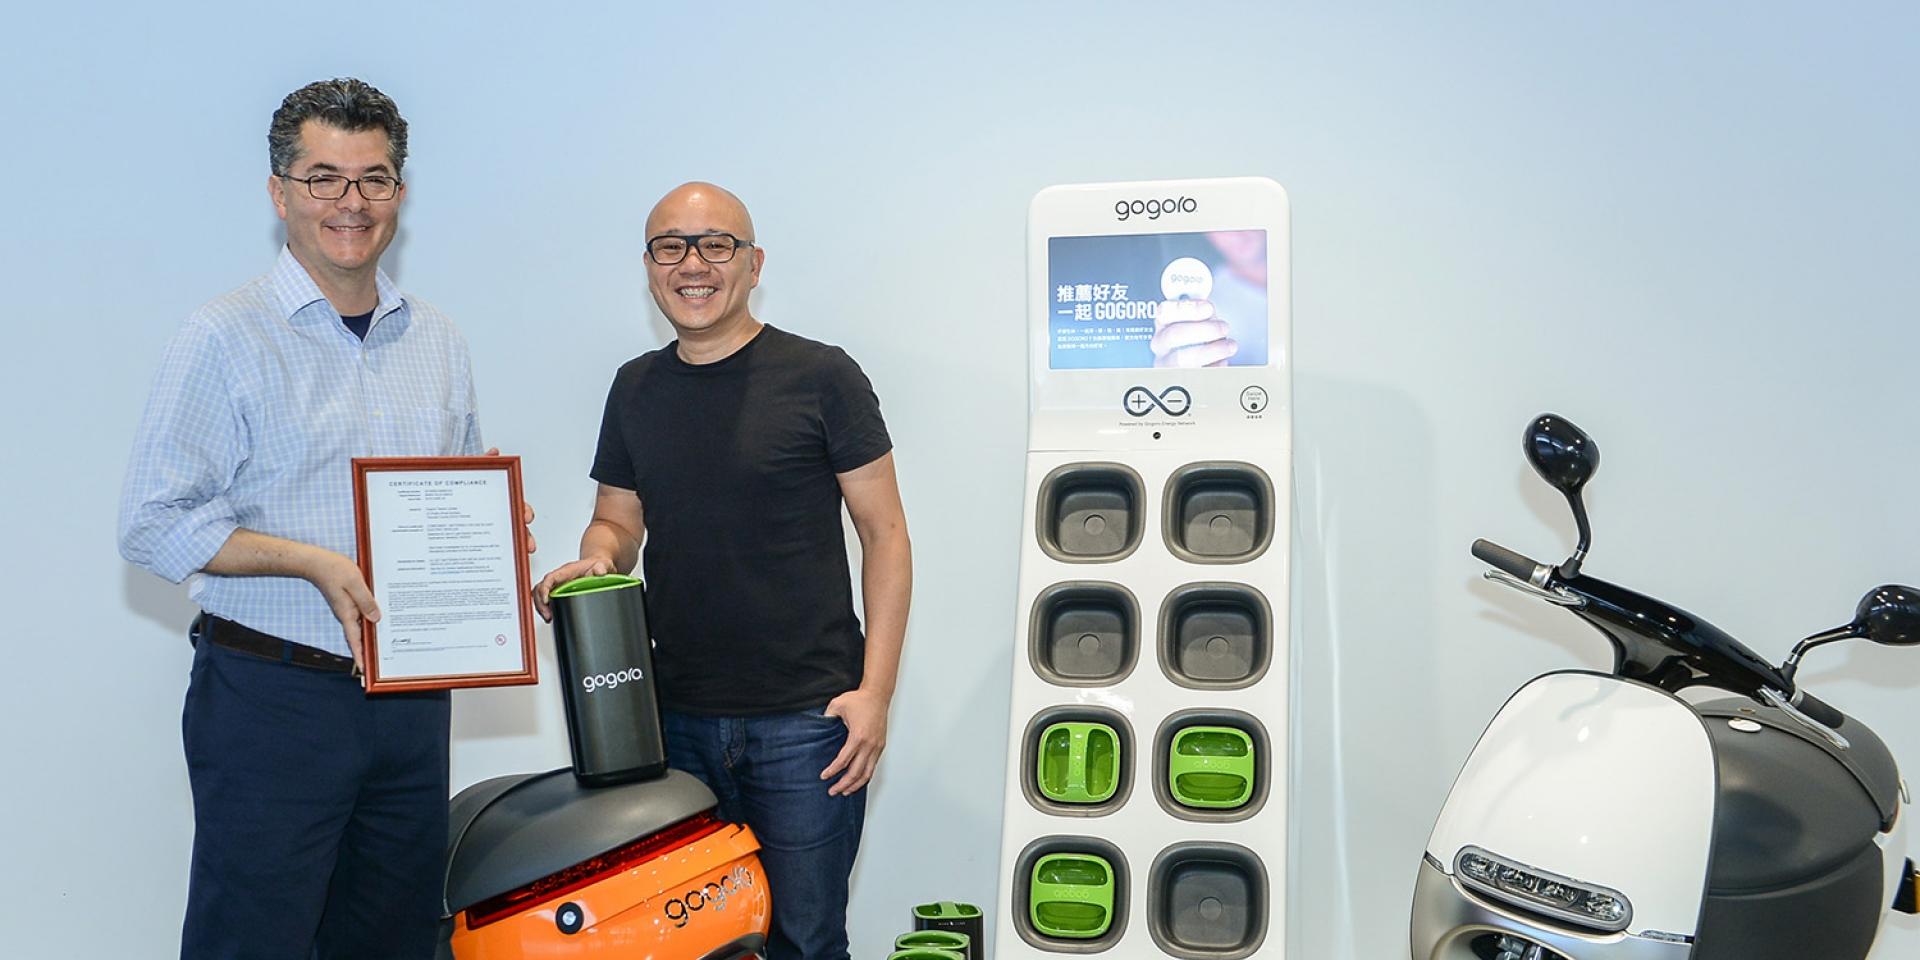 官方新聞稿。Gogoro 獲得全球首張電動機車電池 UL 2271 認證 , 全球唯一通過 UL/IEC/CNS 三大嚴格檢驗